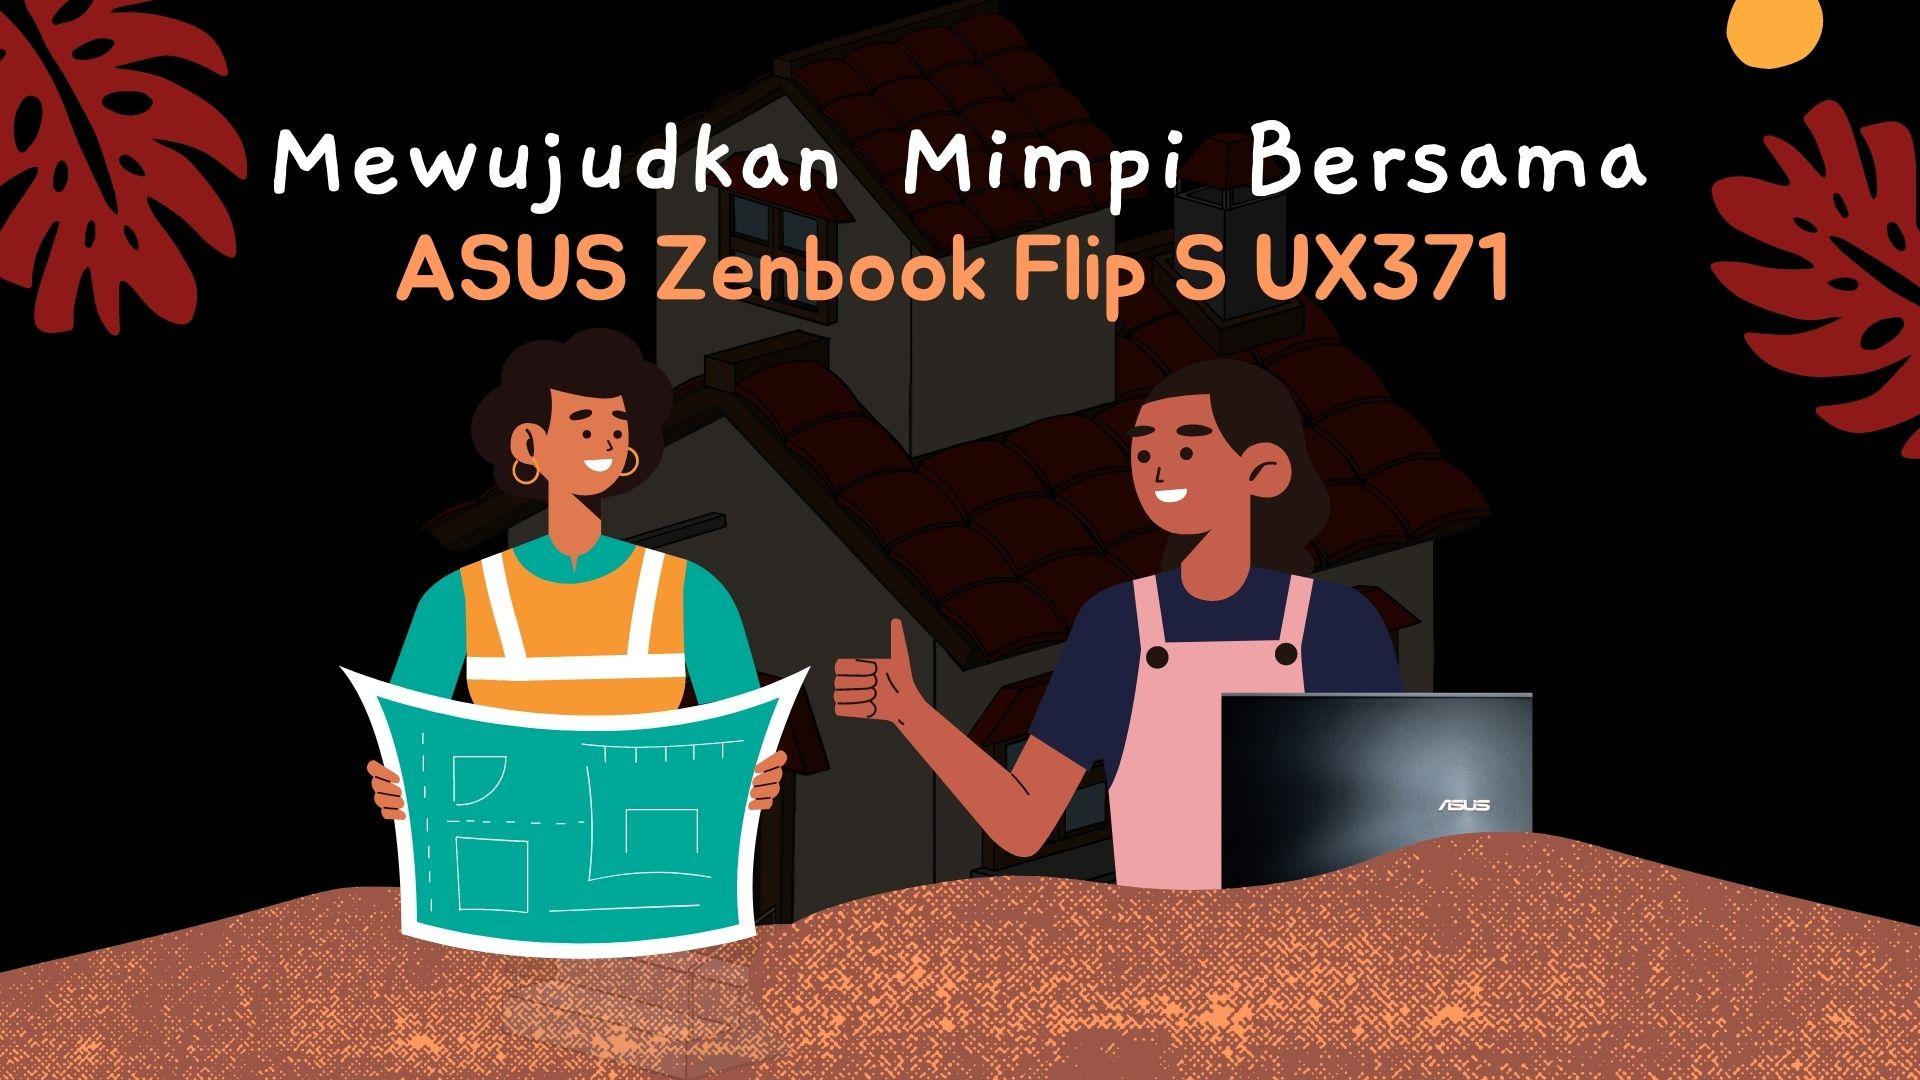 Mewujudkan Mimpi Bersama ASUS Zenbook Flip S UX371